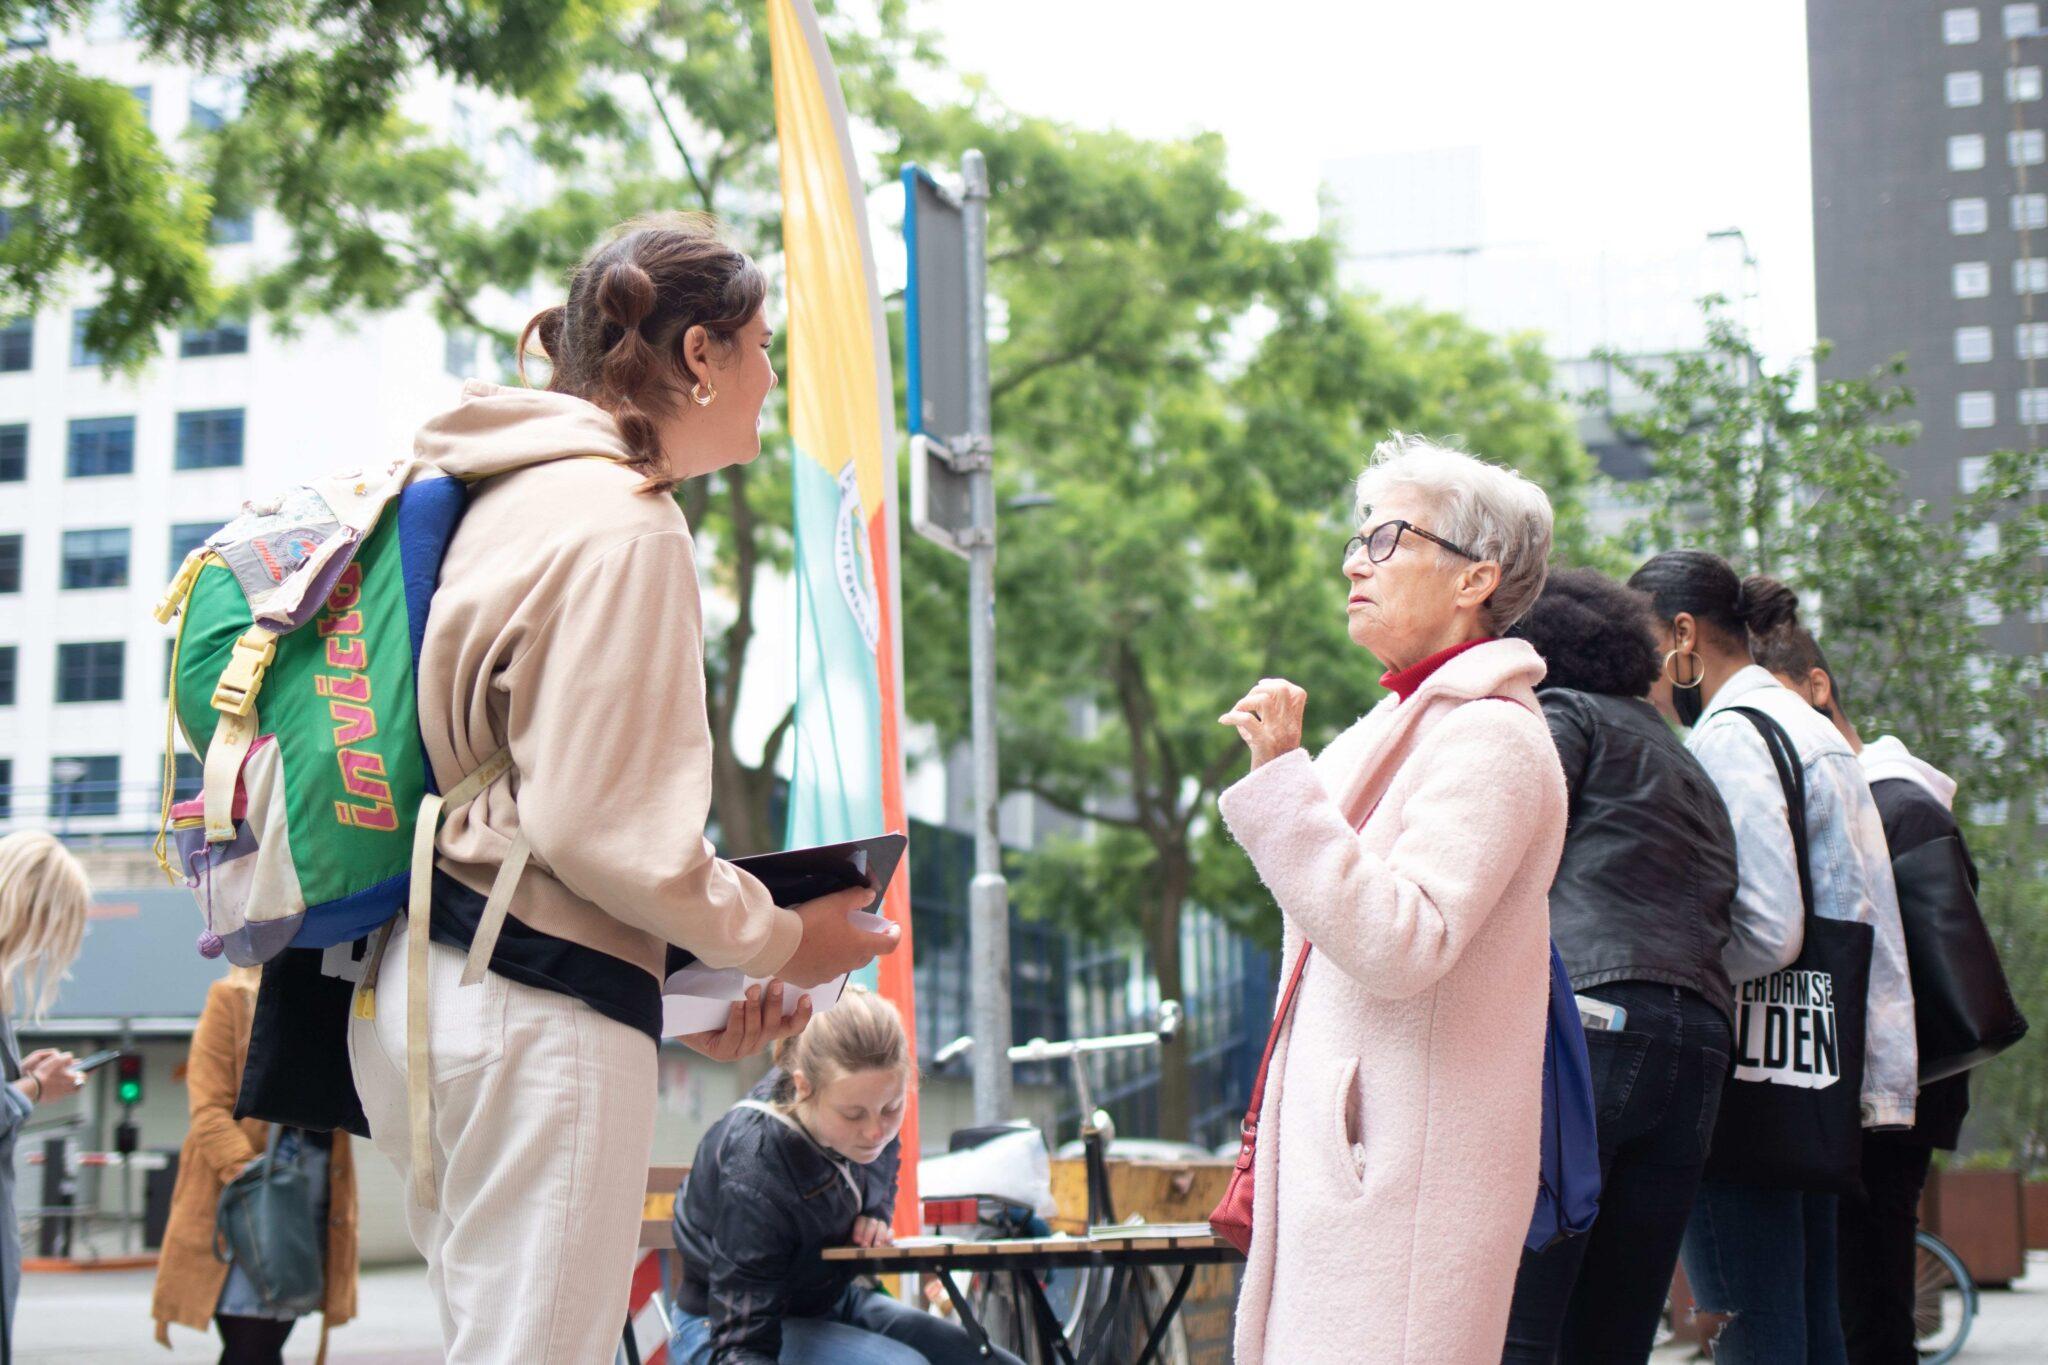 Rotterdamse Helden polaroids 01